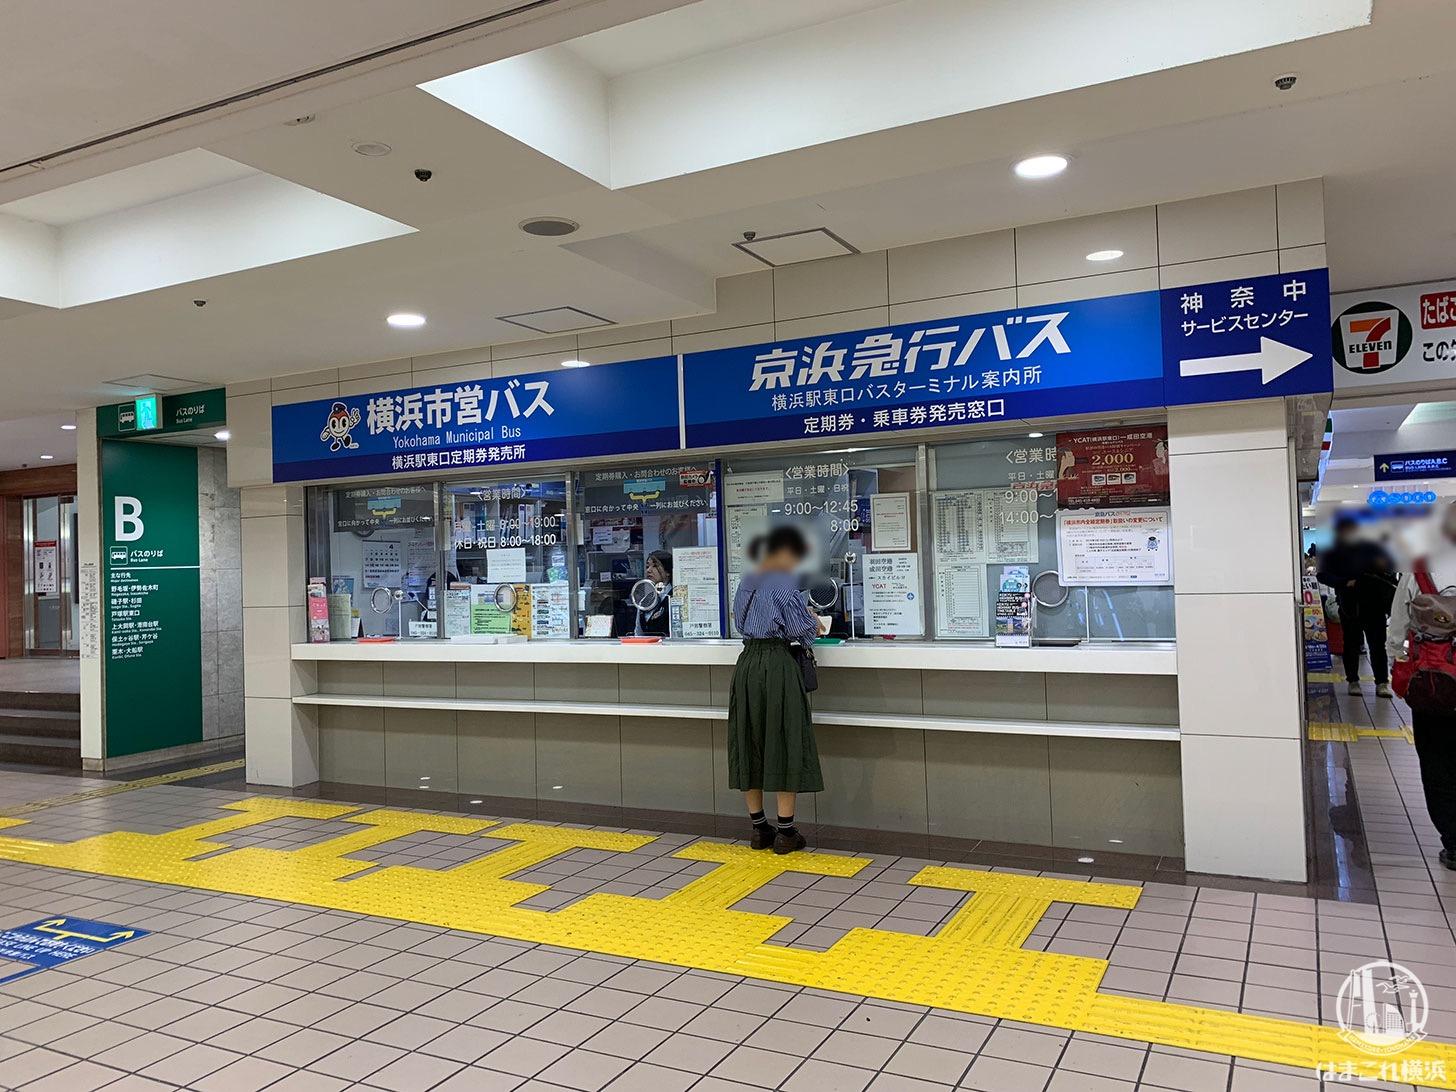 オープントップバス 京急バス窓口